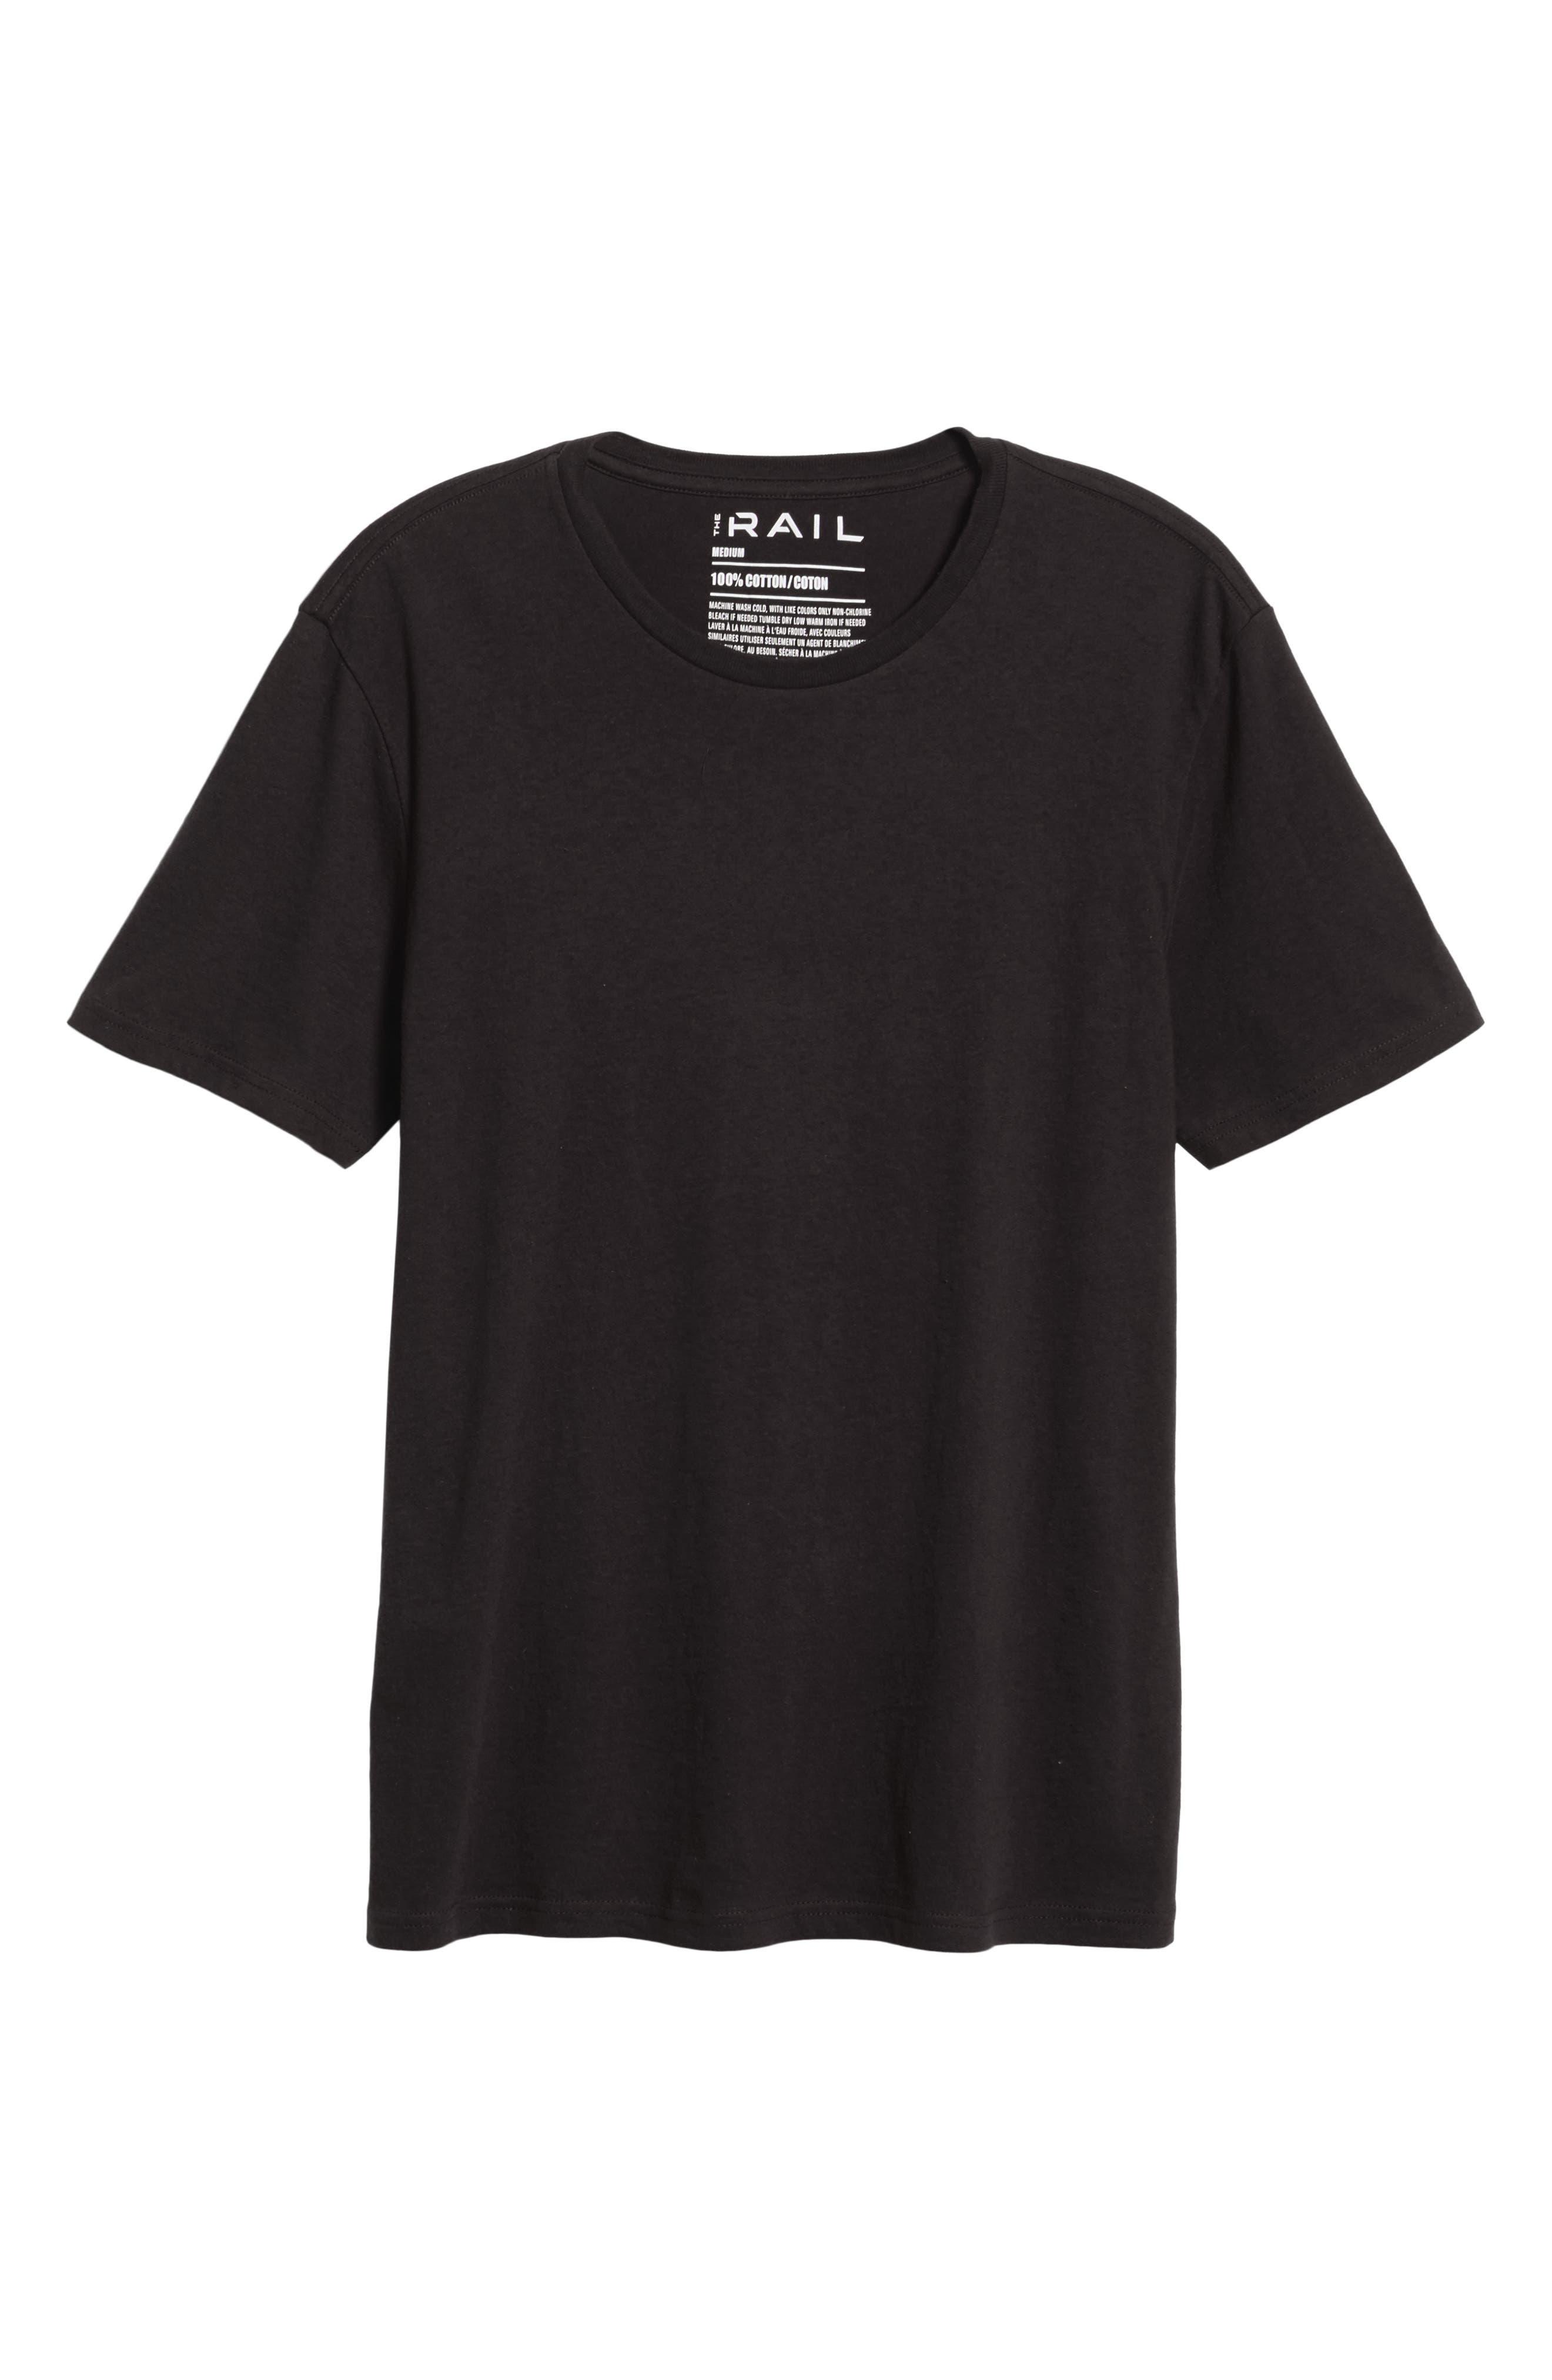 THE RAIL Slim Fit Crewneck T-Shirt, Main, color, BLACK